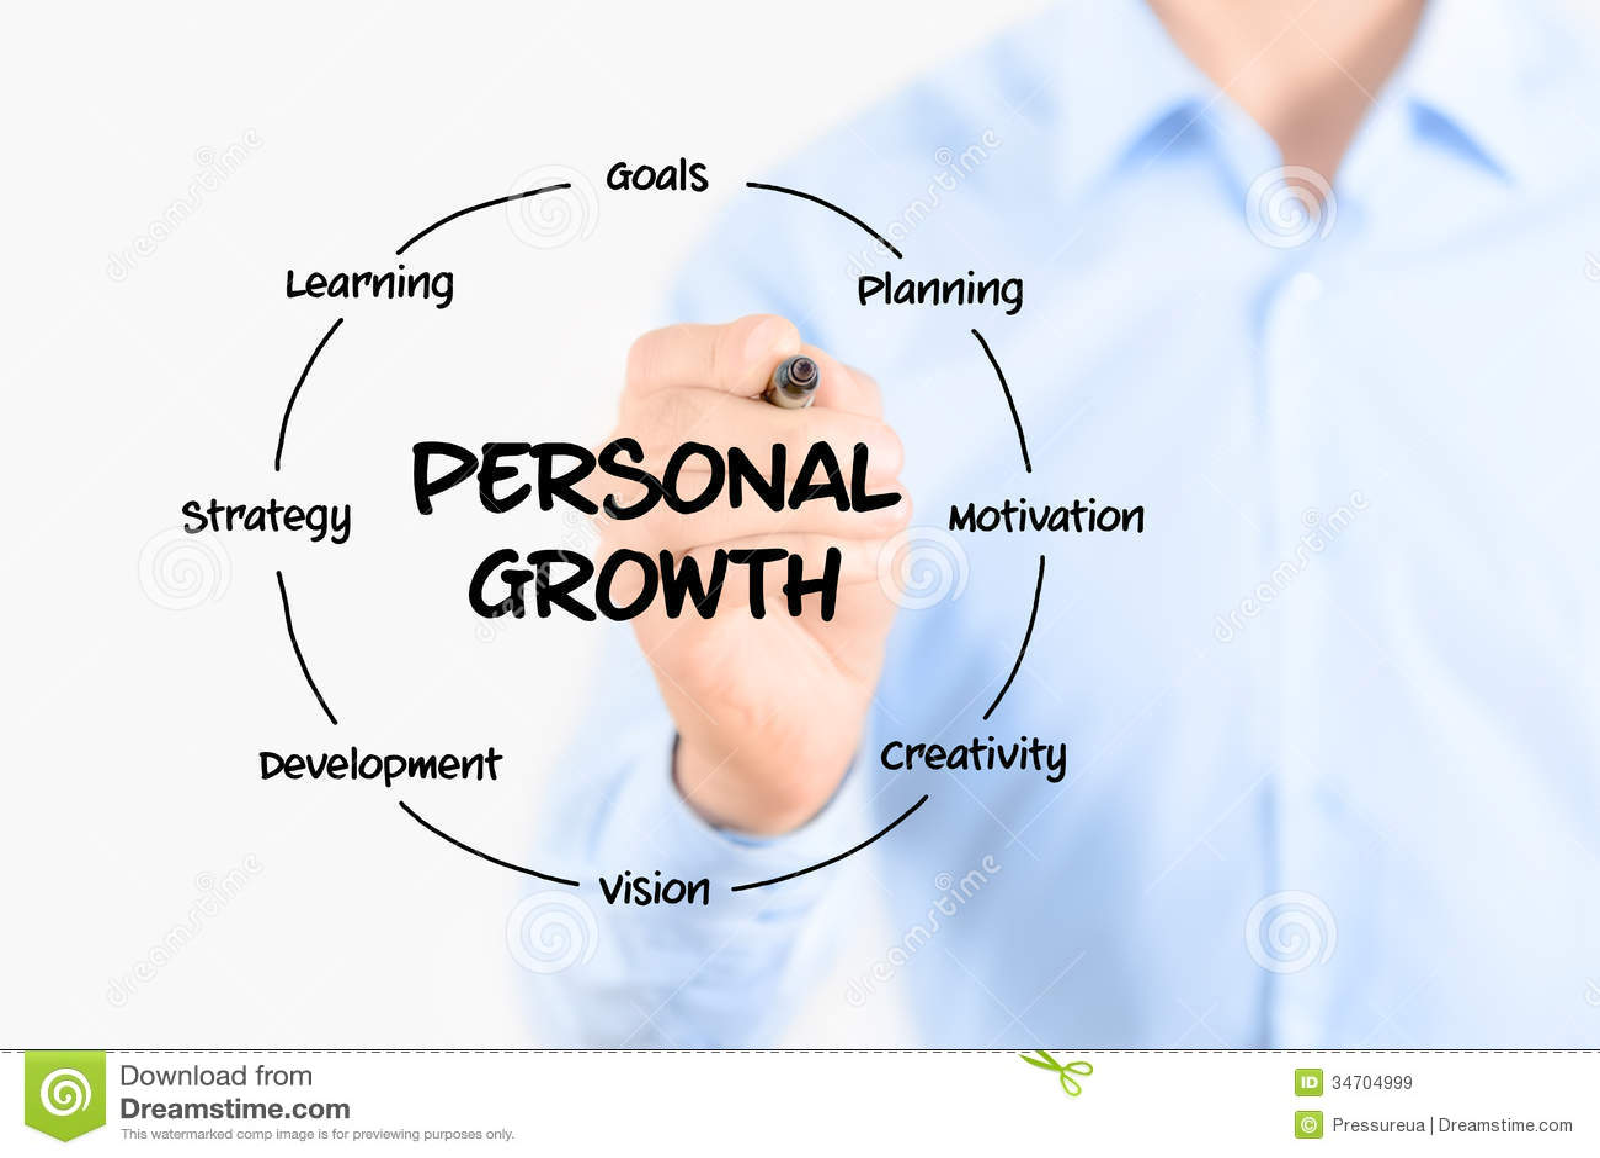 Goals Improvement Personal Self